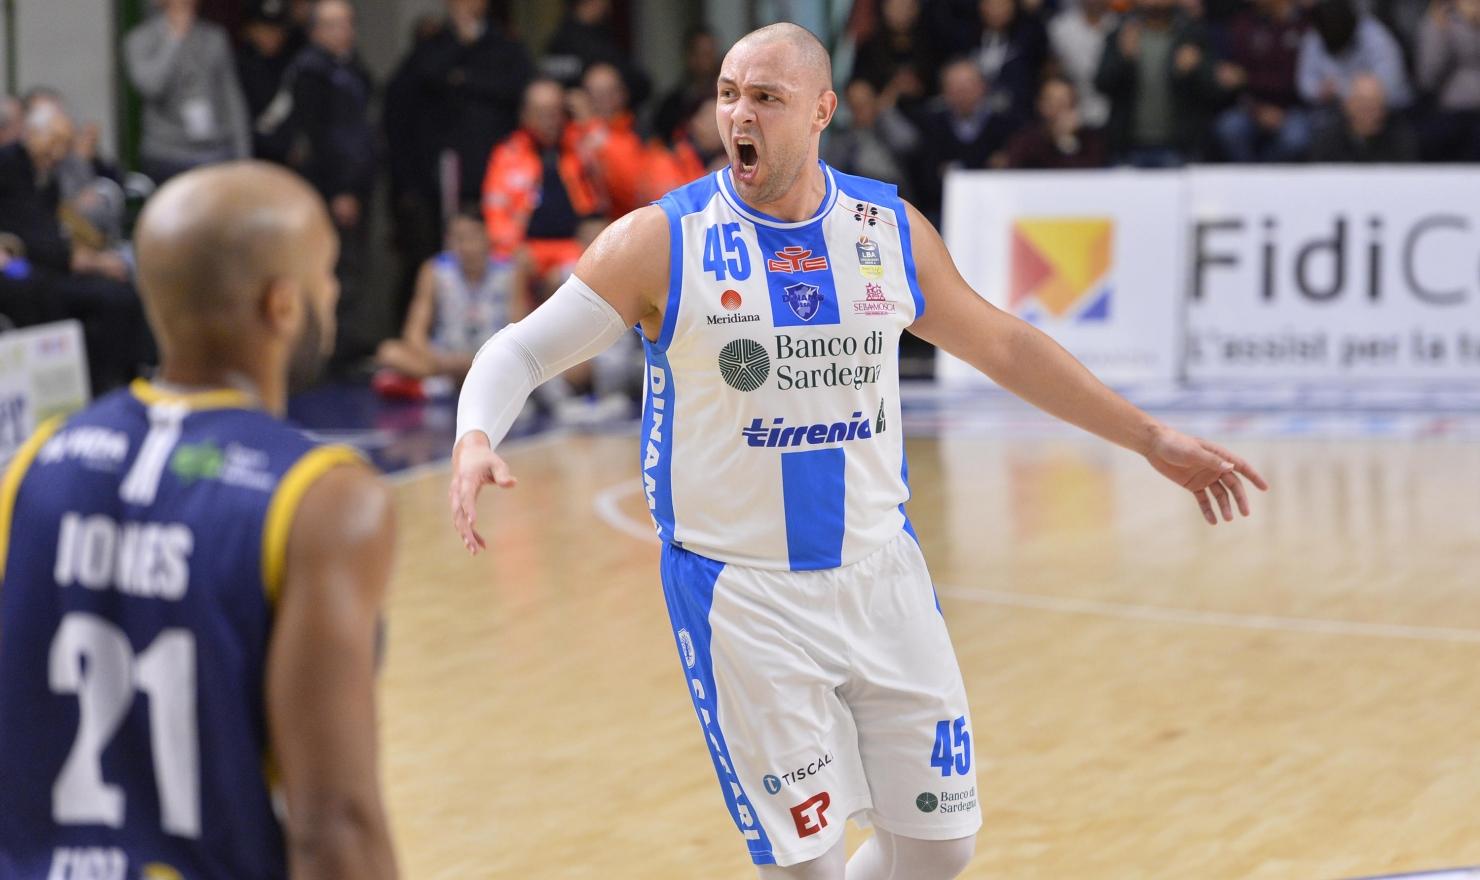 La Dinamo ha rinnovato il contratto di Jonhatan Tavernari per i prossimi due anni.